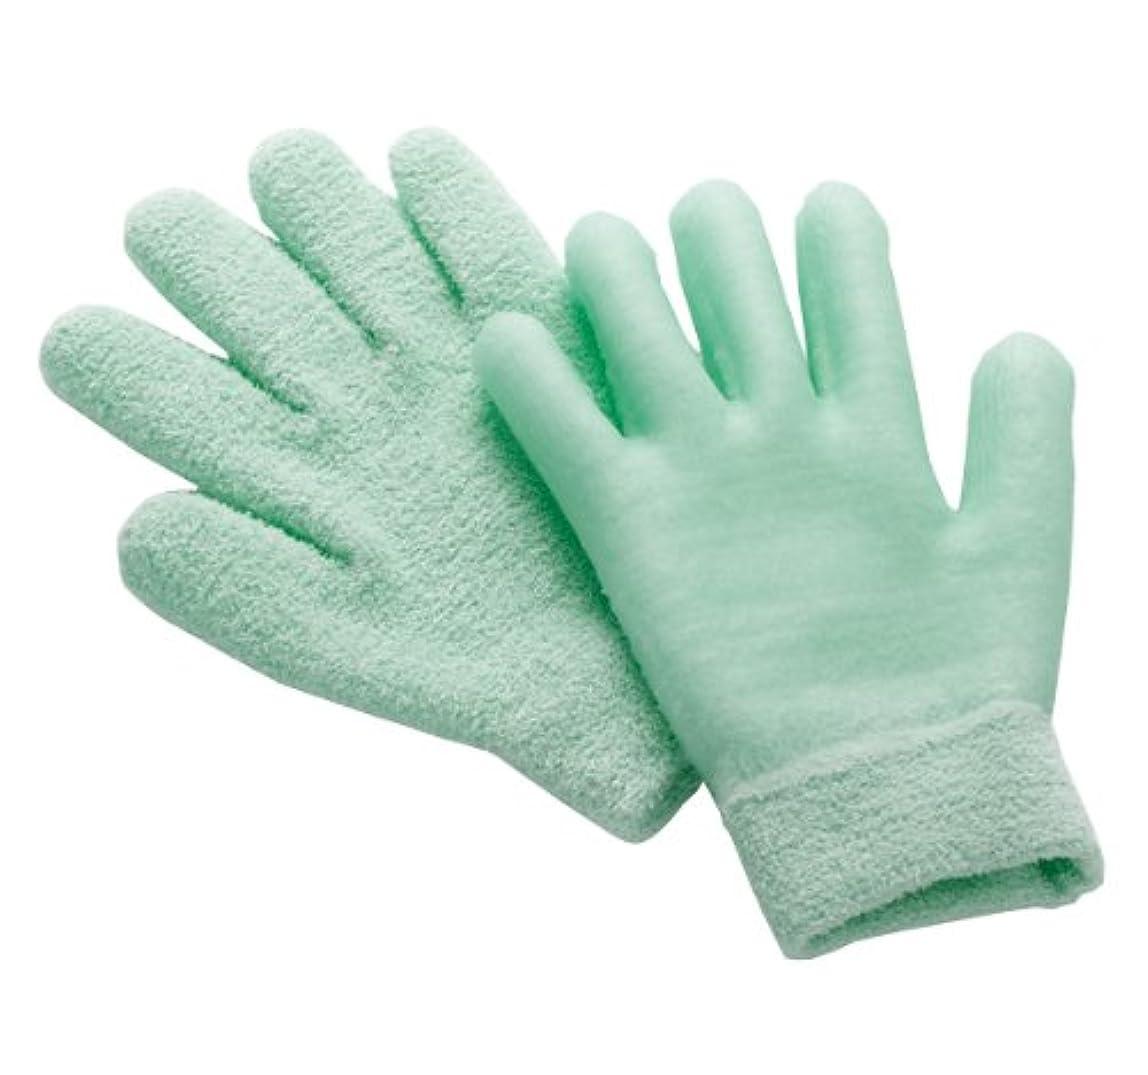 器官ジム達成する眠れる森のぷるジェル手袋 グリーン